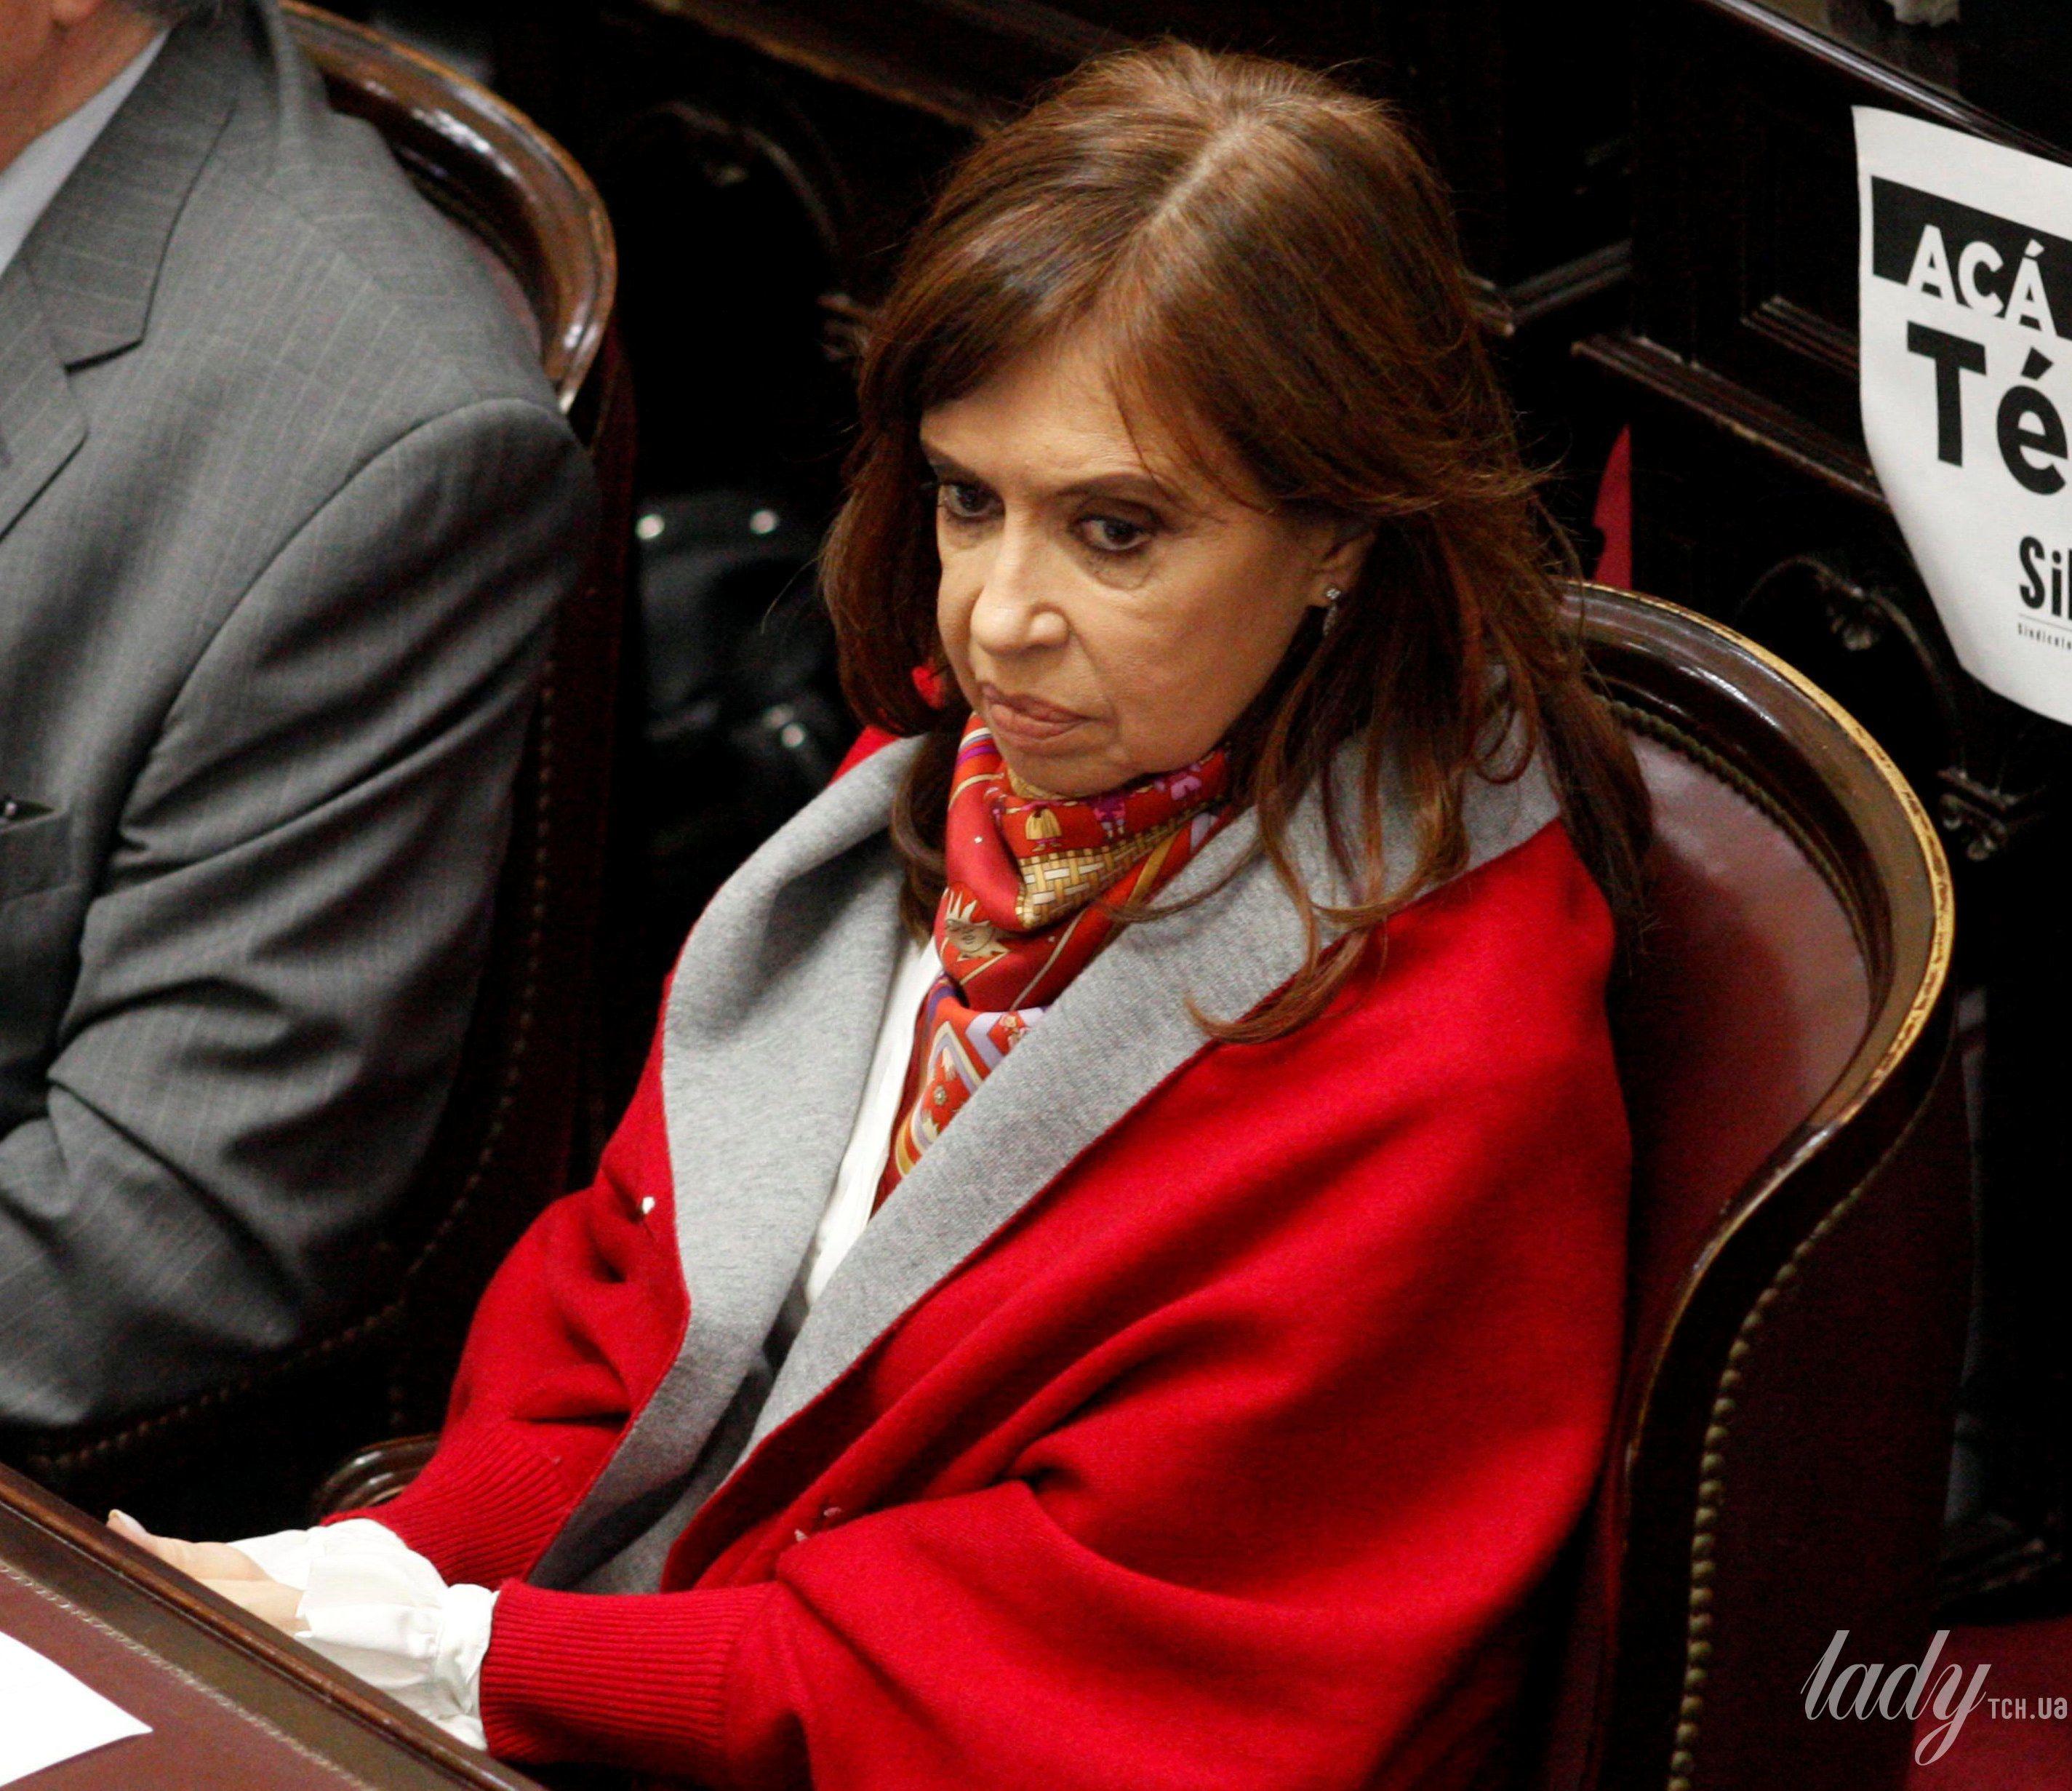 Бывший президент Аргентины Кристина Фернандес де Киршнер_2